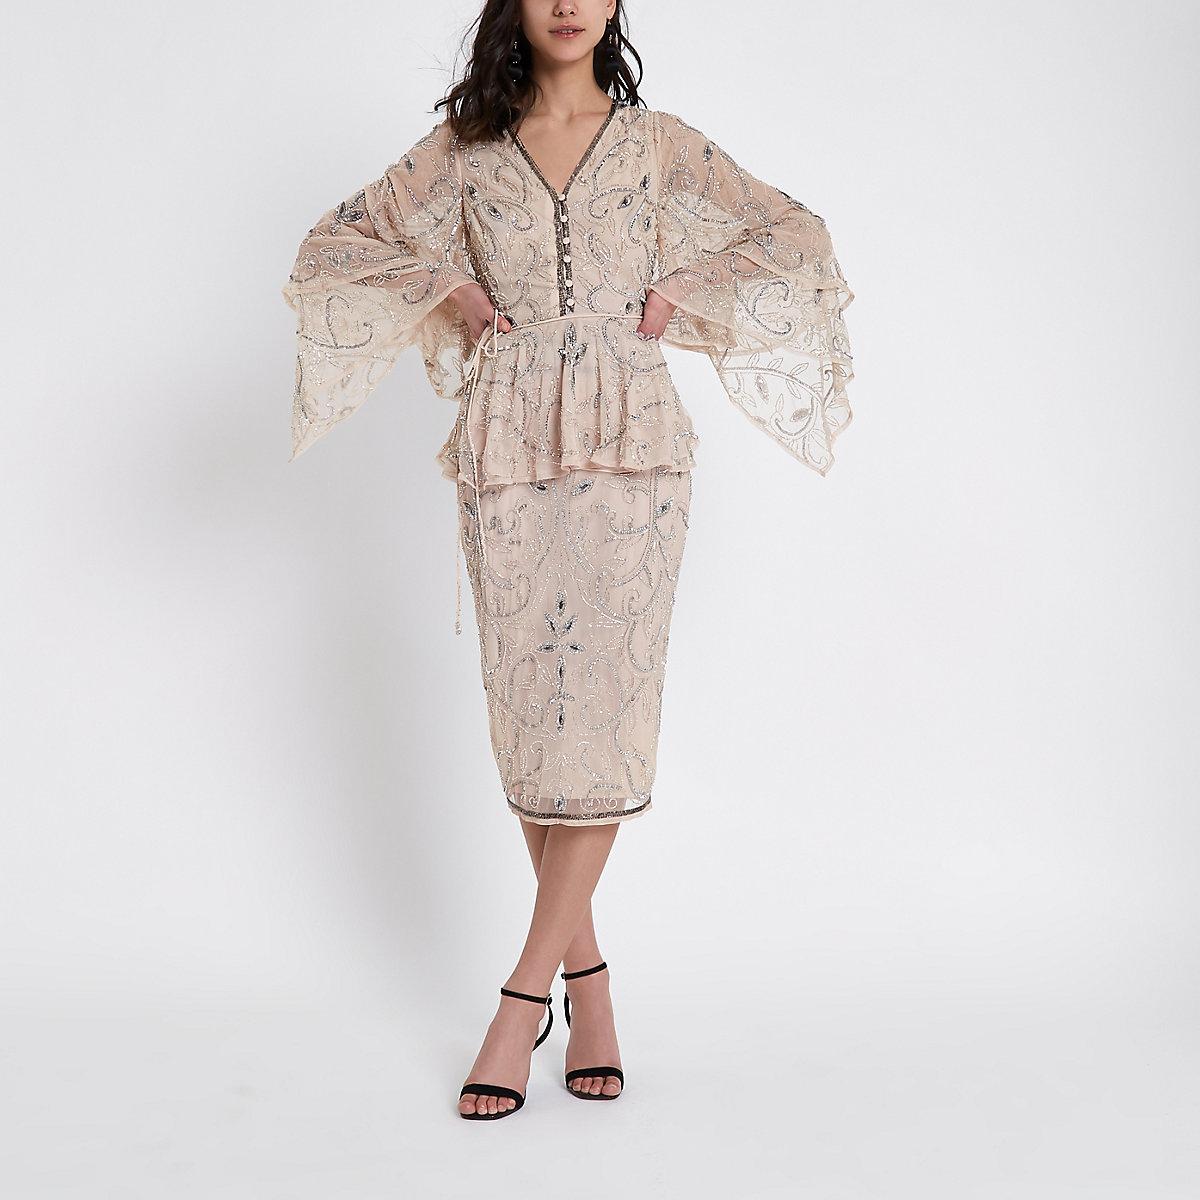 Beige sequin embellished pencil skirt